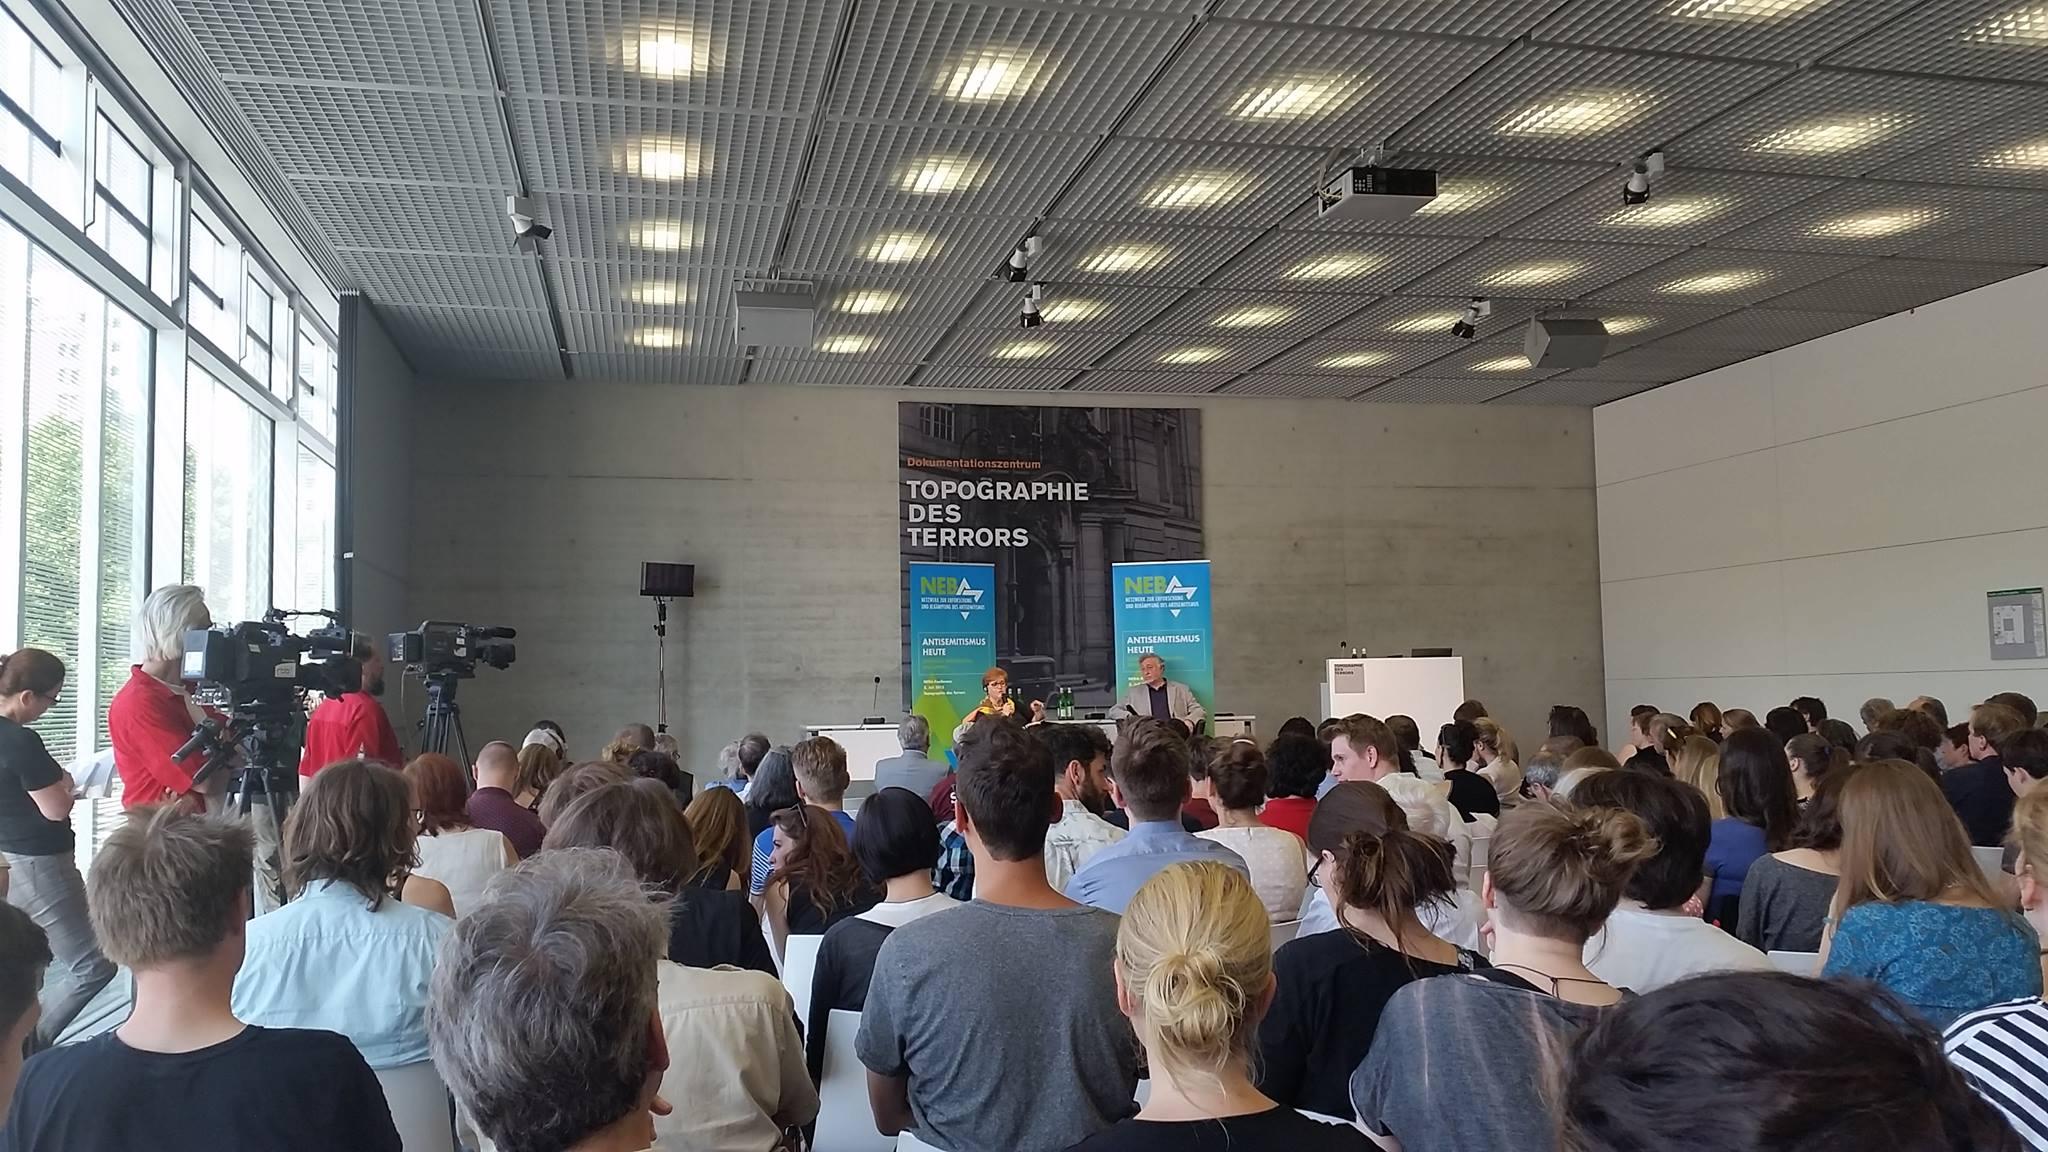 Konferenz des Netzwerks zur Erforschung und Bekämpfung des Antisemitismus (NEBA) am 02.07.2015 in der Stiftung Topographie des Terrors in Berlin